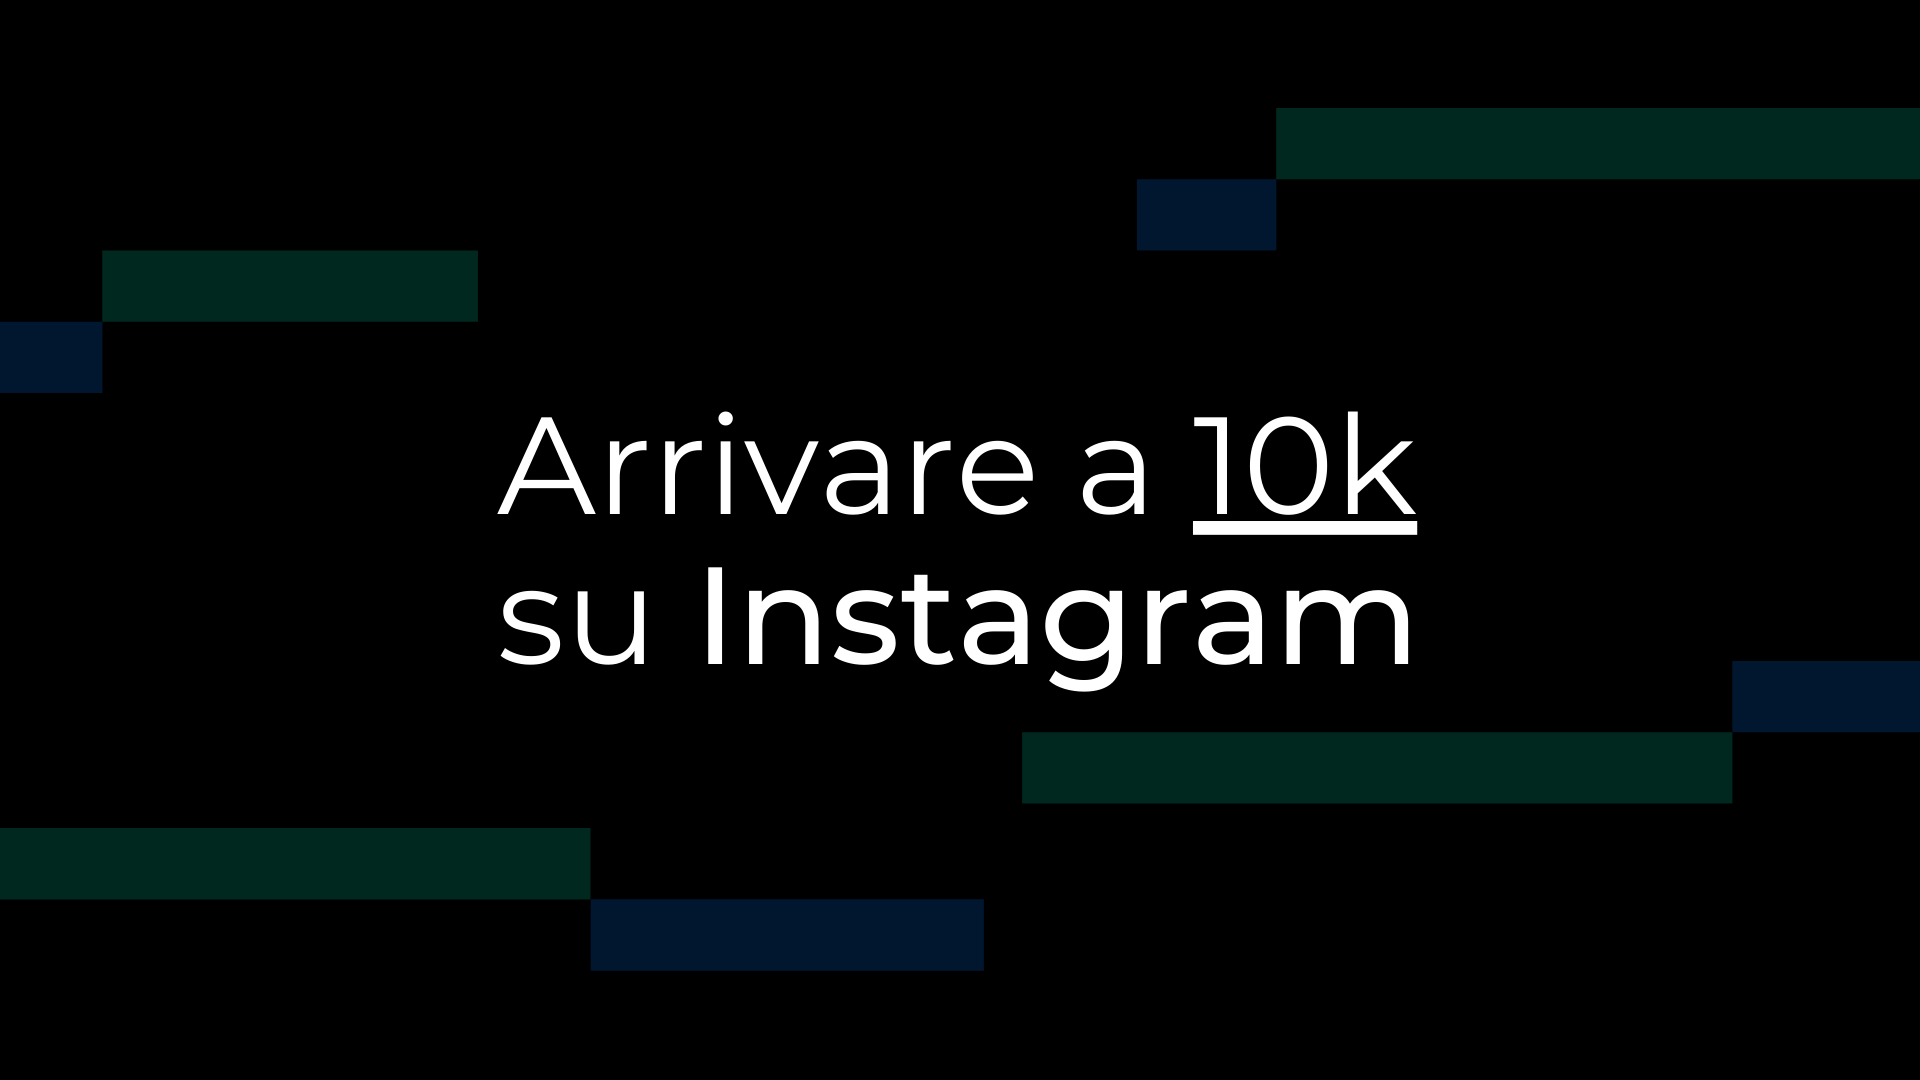 arrivare a 10k su instagram: la guida